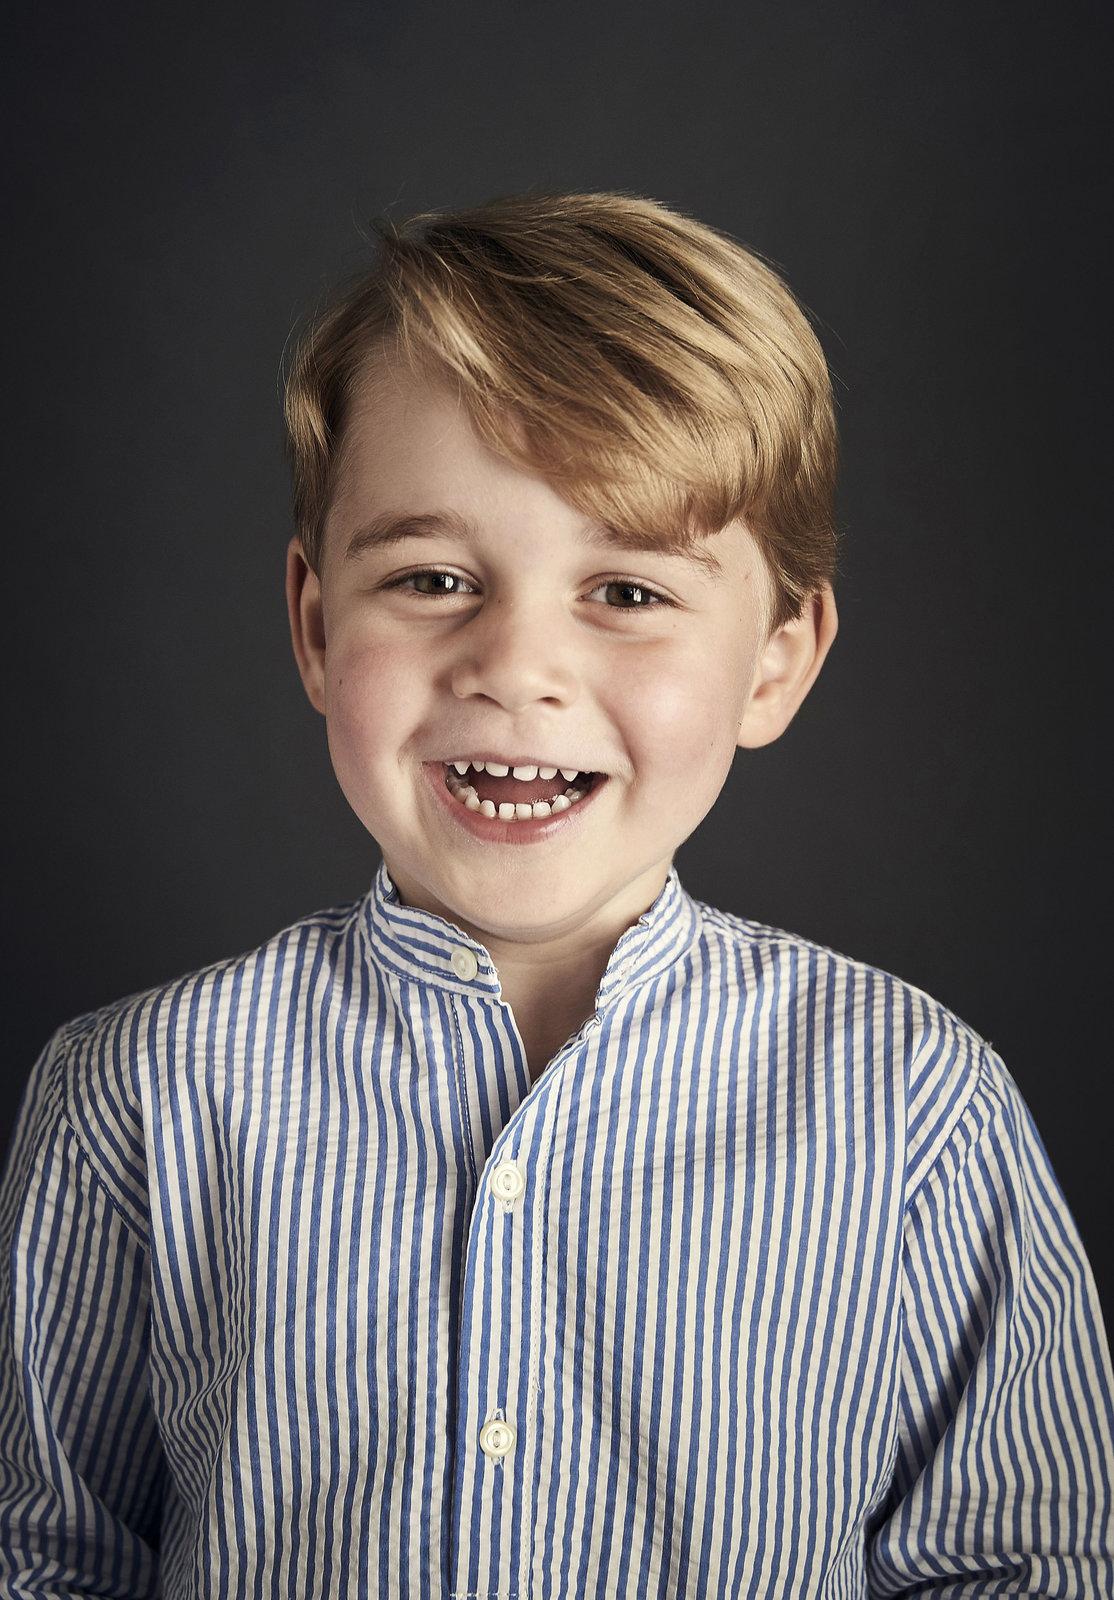 Oficiální portrét prince George u příležitosti jeho 4. narozenin